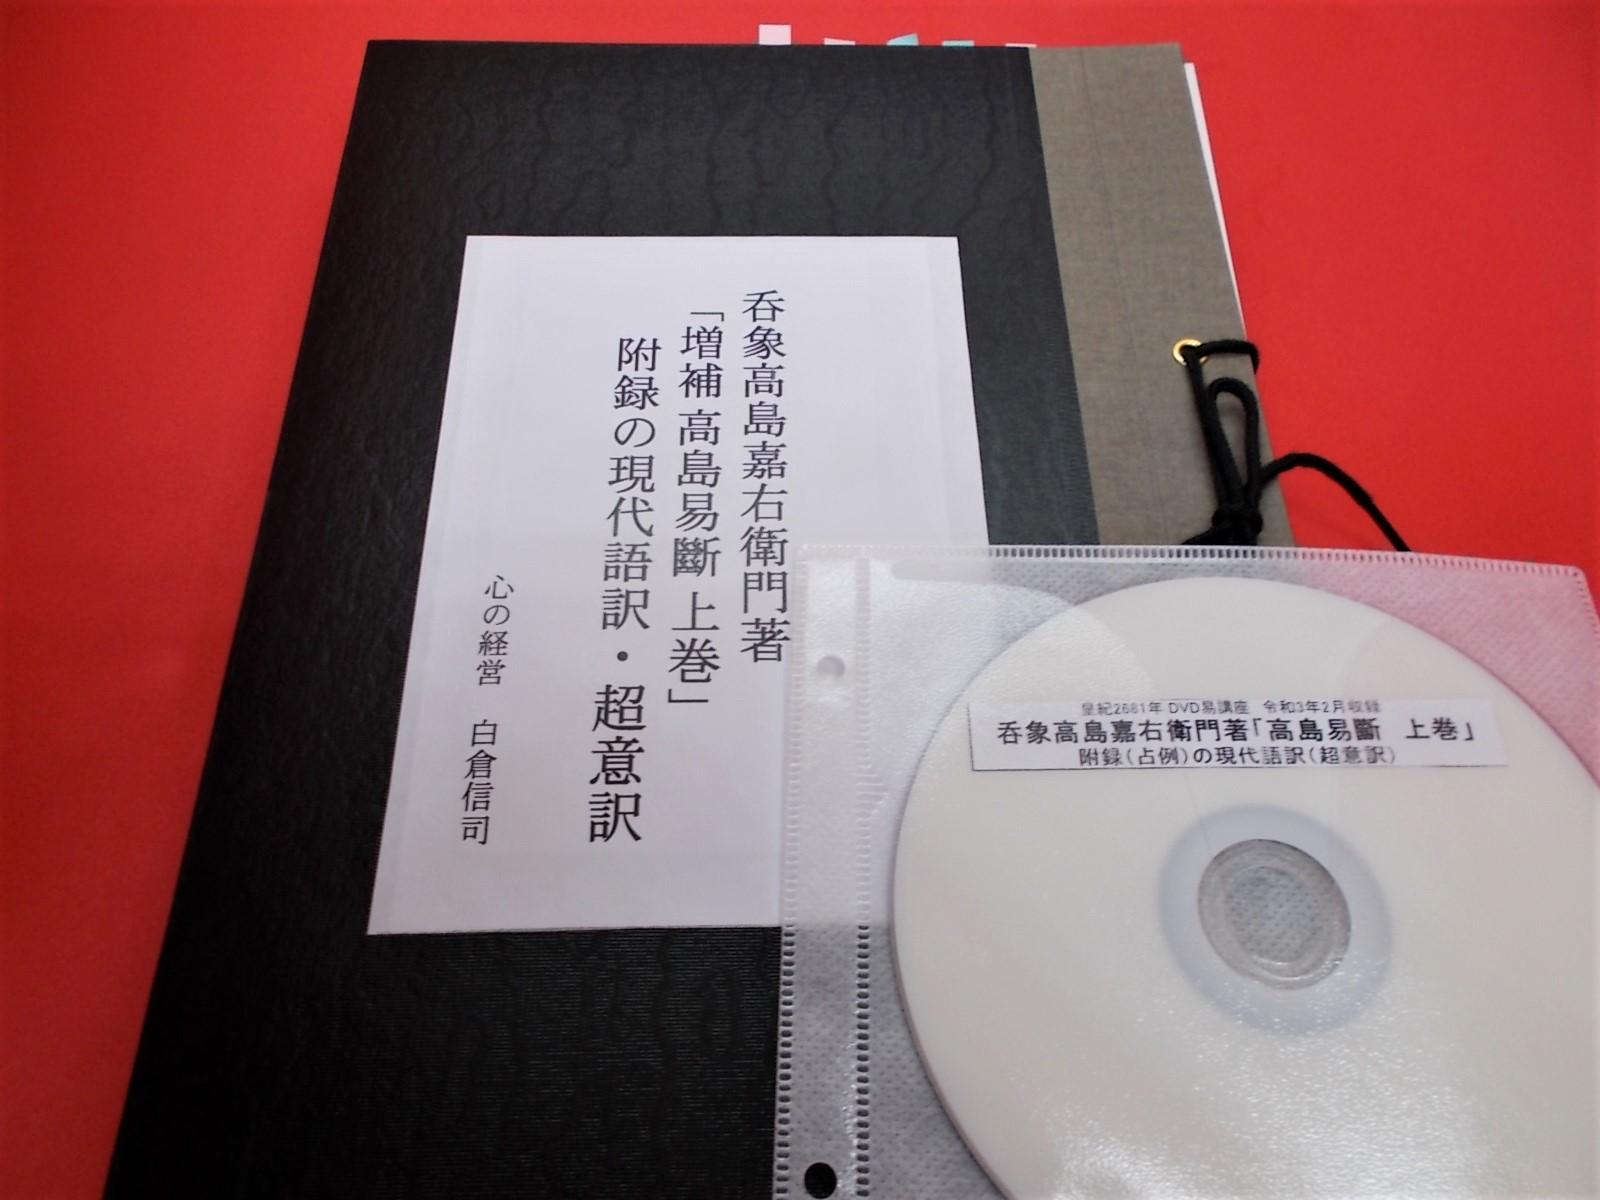 「増補 高島易斷 上巻」附録の現代語訳(超意訳)